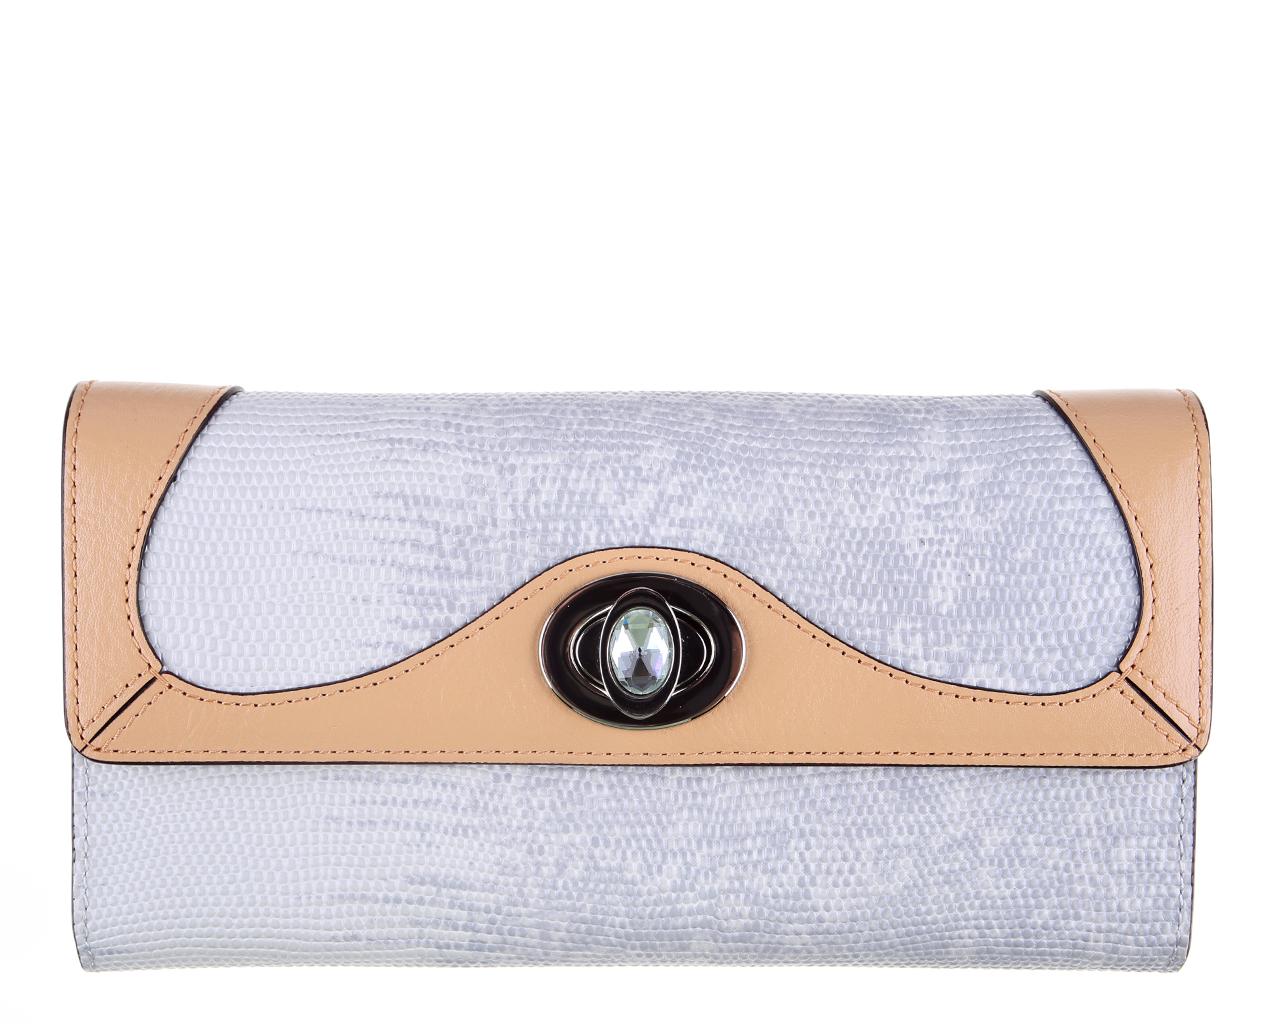 Кошелек женский Leo Ventoni, цвет: серый, бежевый. L330617L330617-grey/tanЭлегантный кошелек Leo Ventoni выполнен из натуральной кожи и оформлен декоративным тиснением под рептилию и металлической фурнитурой, которая дополнена граненым искусственным камнем. Внутренняя часть изделия выполнена из текстиля и натуральной кожи. Изделие закрывается клапаном на замок-вертушку. Внутри предусмотрены два отделения, одно из которых закрывается на металлическую застежку-молнию. В открытом отделении расположены двенадцать кармашков для кредитных карт и визиток, отделение для купюр и открытый кармашек для чеков. В другом отделении имеются два кармана для купюр и один накладной кармашек с прозрачным окошком из мягкого пластика. На передней стенке под клапаном имеется еще один открытый кармашек. Снаружи, на тыльной стороне кошелька, расположен открытый карман для мелких бумаг и чеков. Стильный кошелек Leo Ventoni станет отличным подарком для человека, ценящего качественные и практичные вещи.